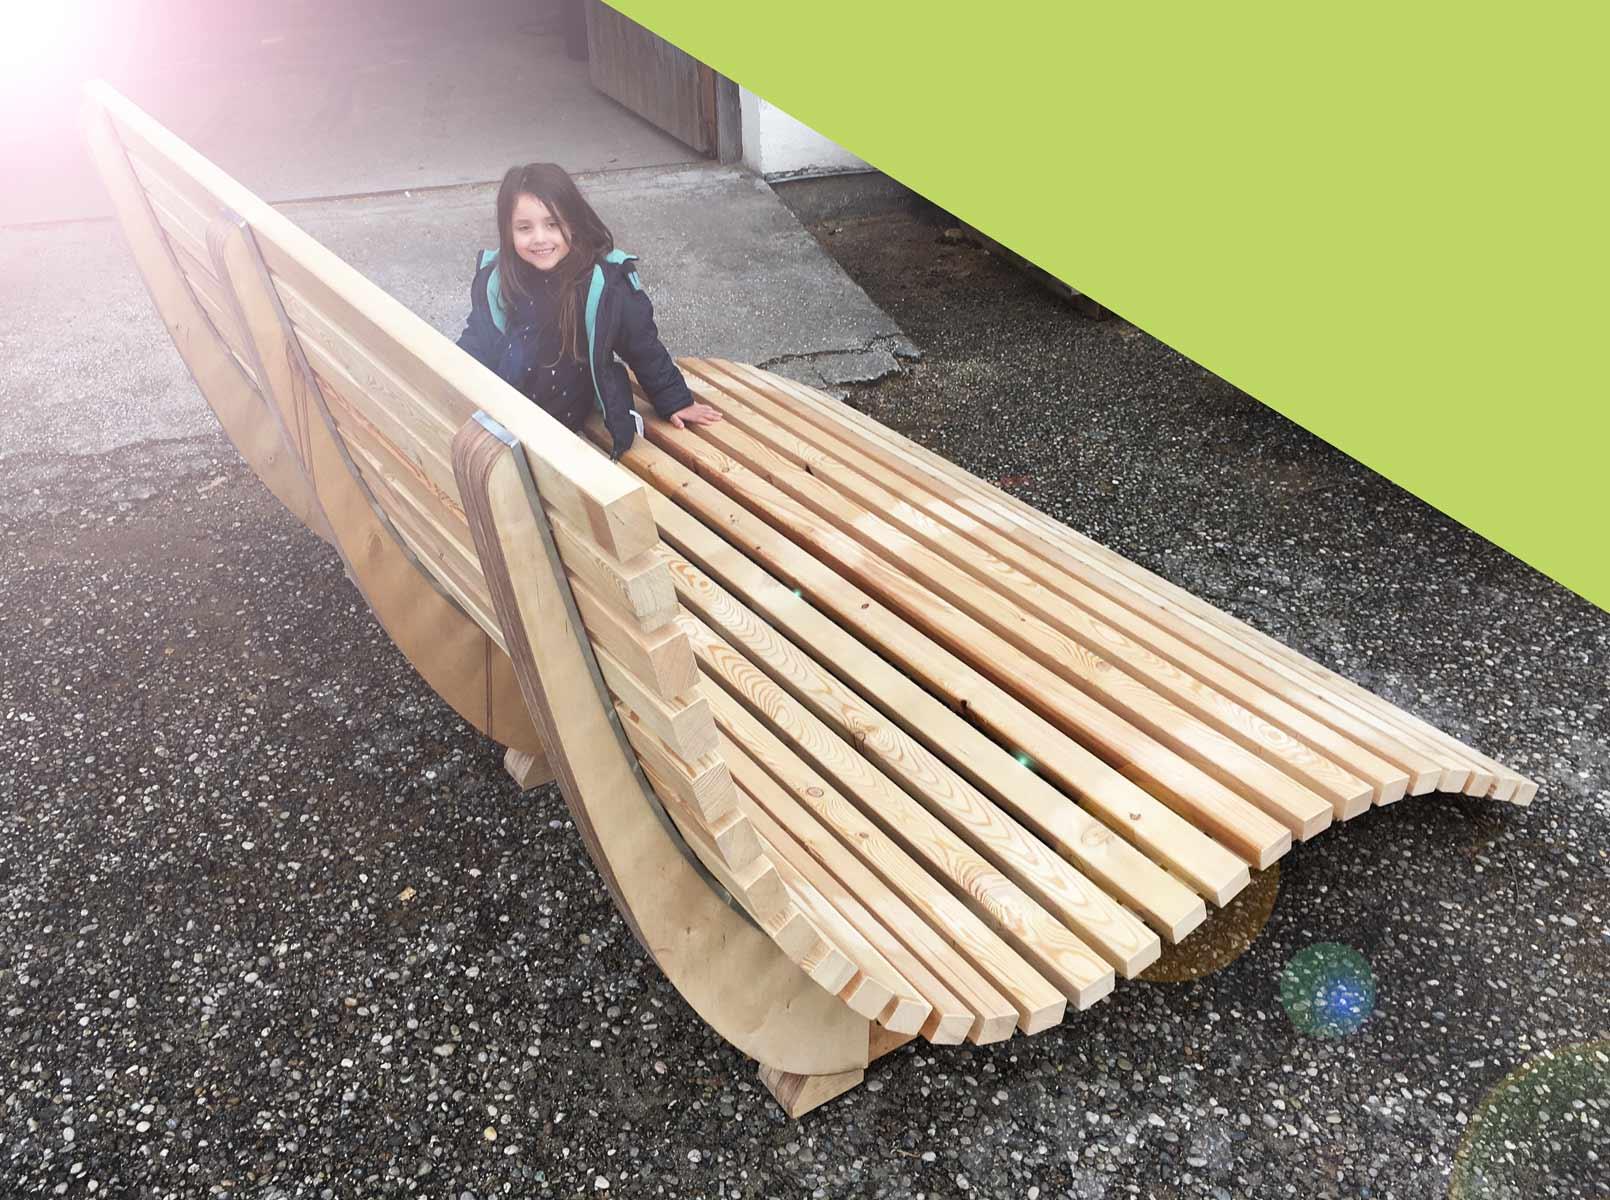 Full Size of Gartenliege Holz Ikea Liege 2020 01 31 Esstisch Massivholz Betten Küche Kosten Sichtschutz Garten Regal Holzhaus Modern Holzofen Fliesen In Holzoptik Bad Wohnzimmer Gartenliege Holz Ikea